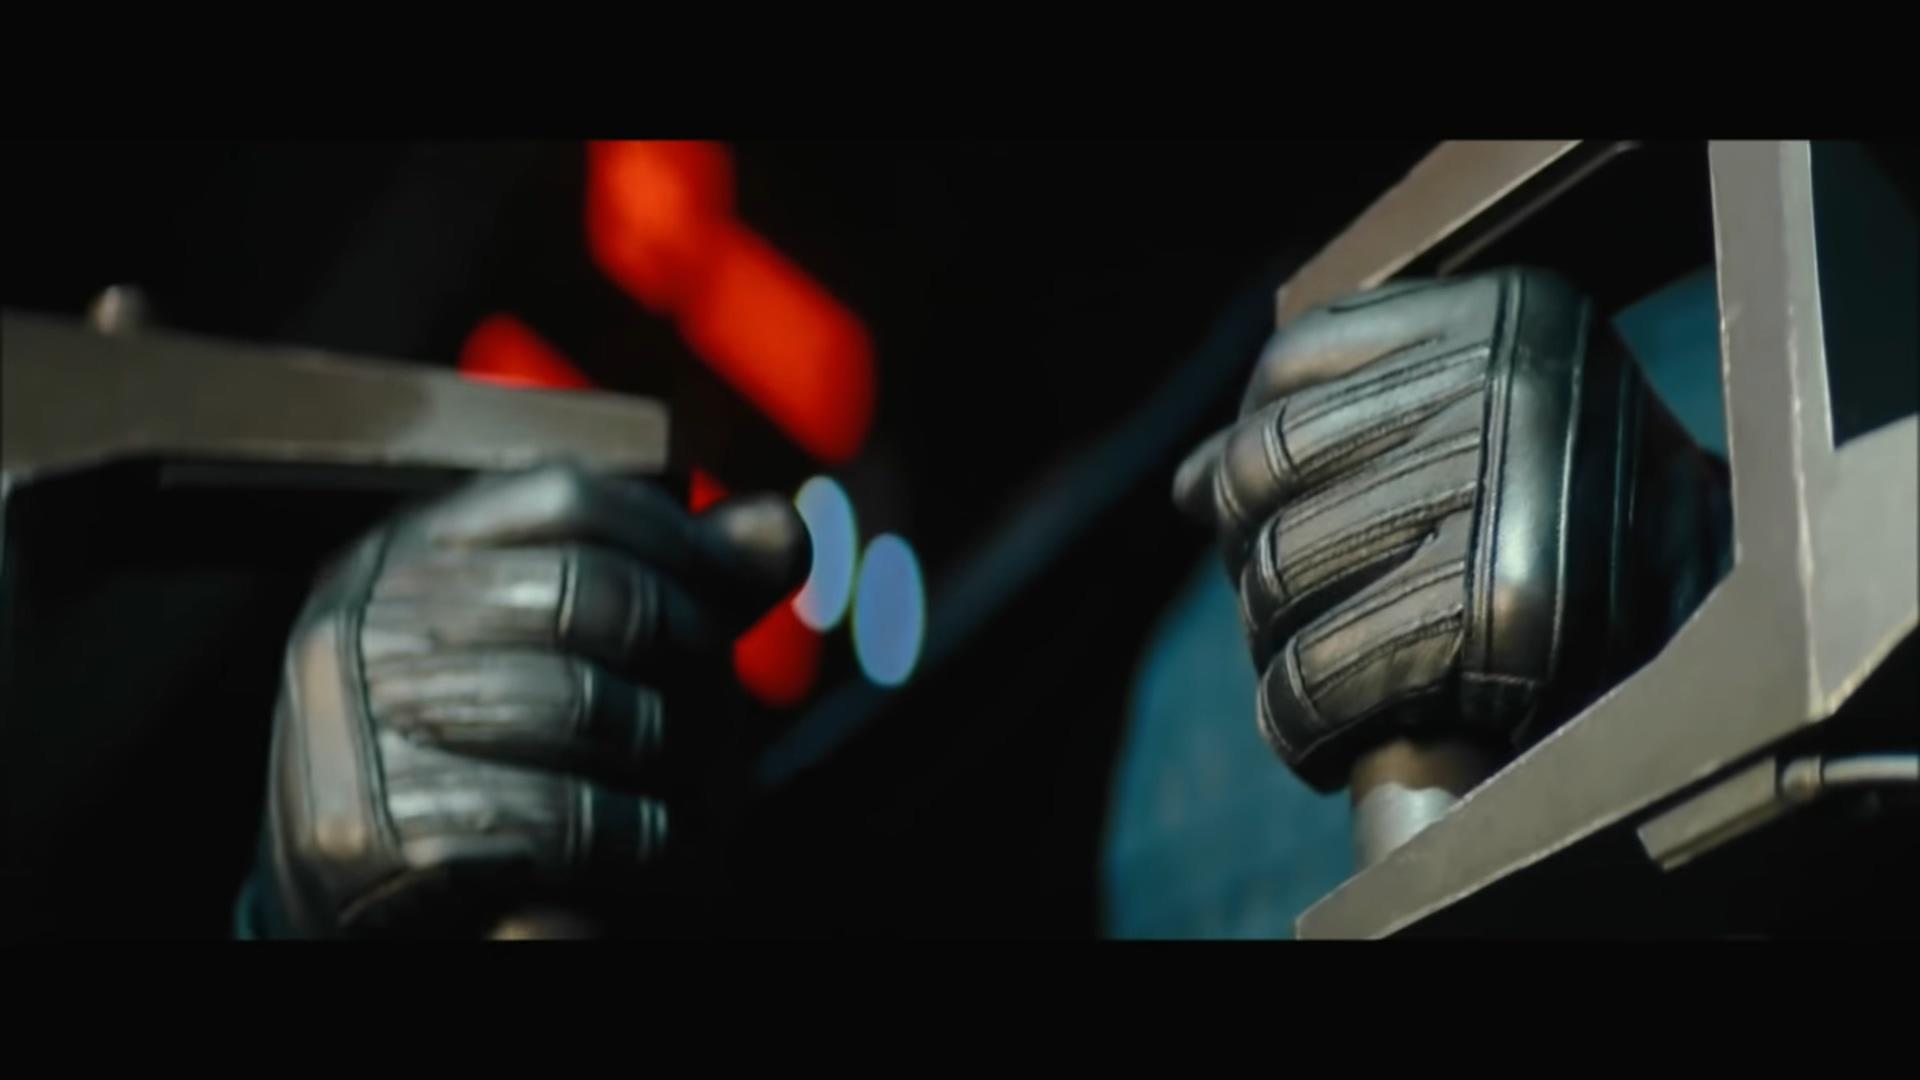 《星球大战9》首曝中文预告 帕尔帕廷皇帝复活-玩懂手机网 - 玩懂手机第一手的手机资讯网(www.wdshouji.com)